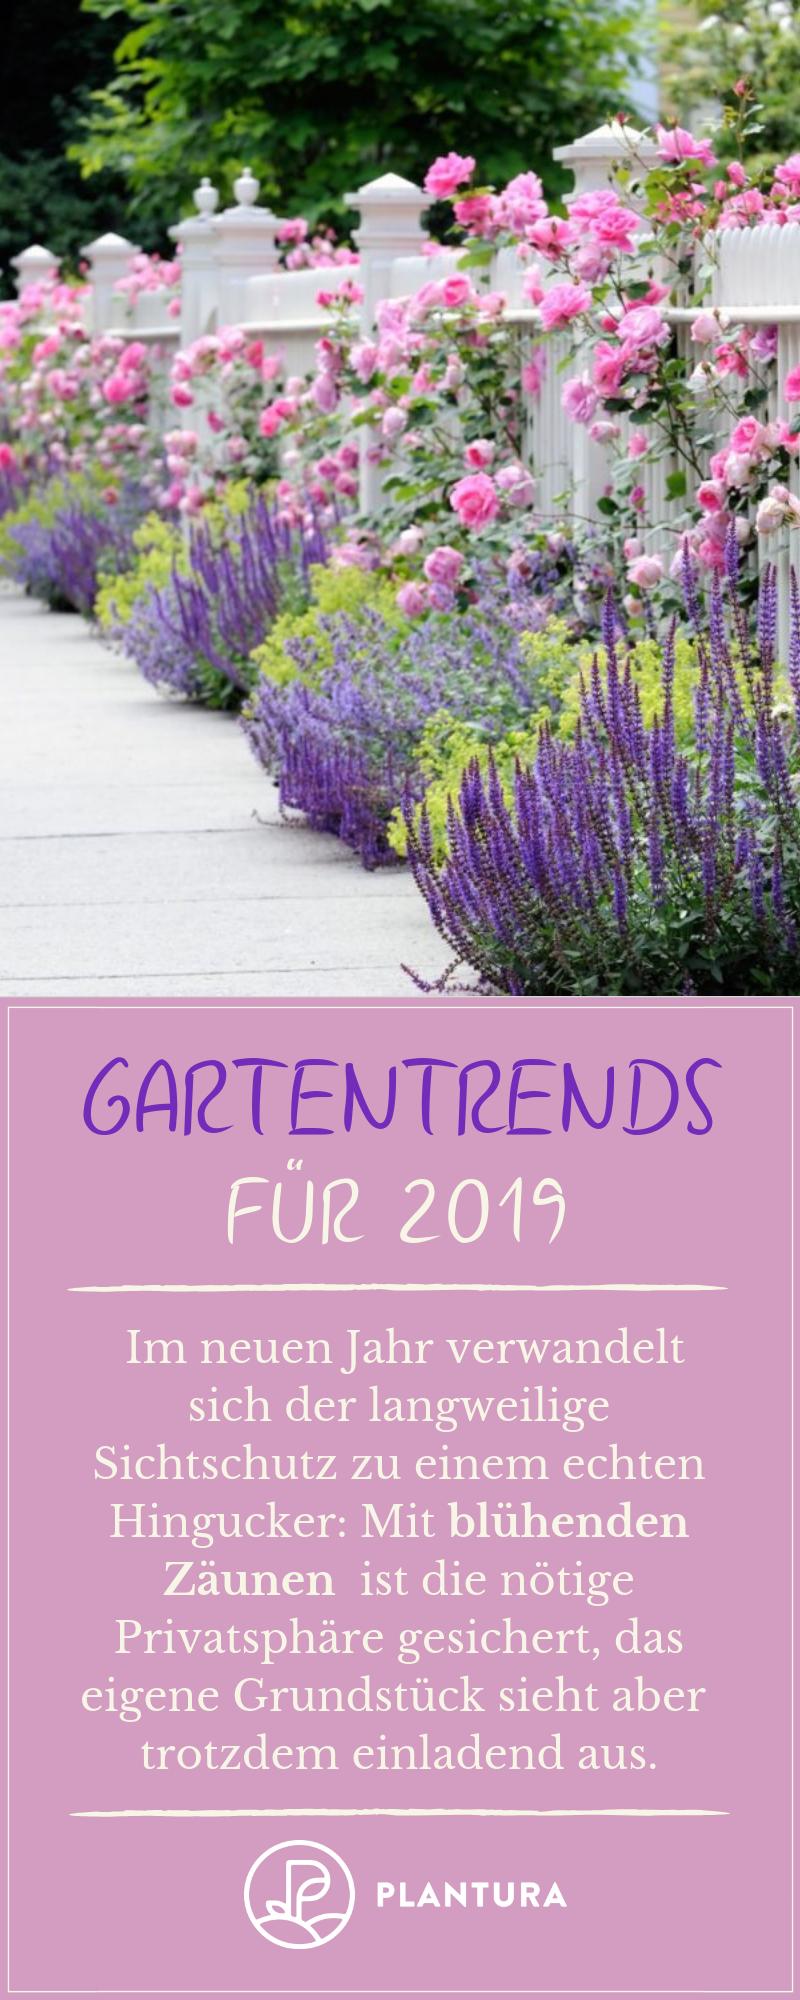 Gartentrends 2019: Unsere Top 10 für Ihren Garten - Plantura